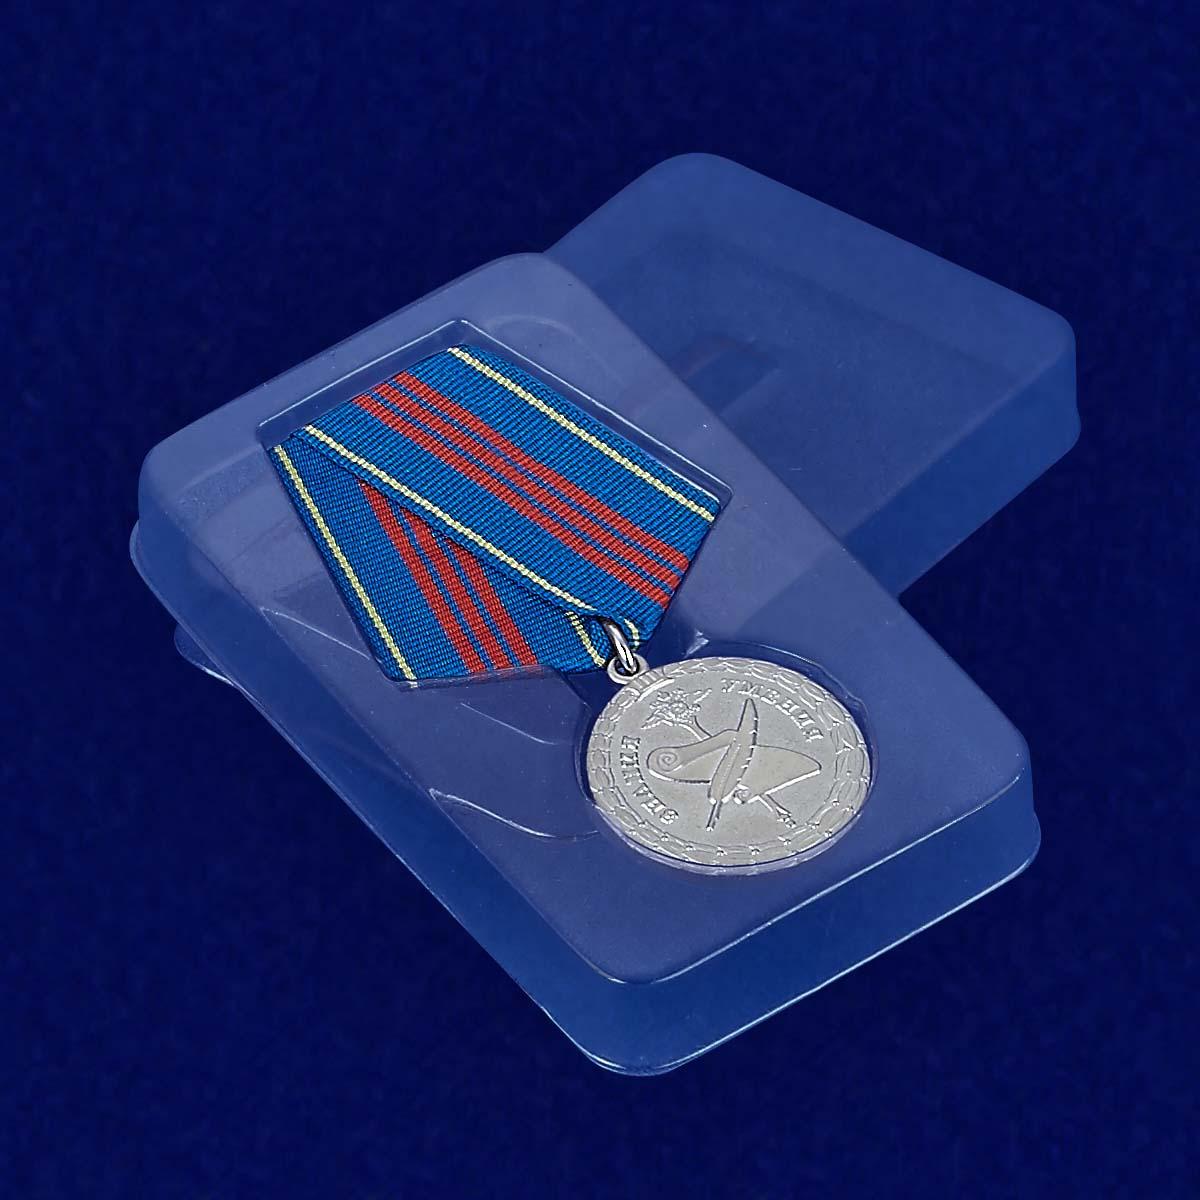 Футляр к медали МВД РФ «За заслуги в управленческой деятельности» 3 степени